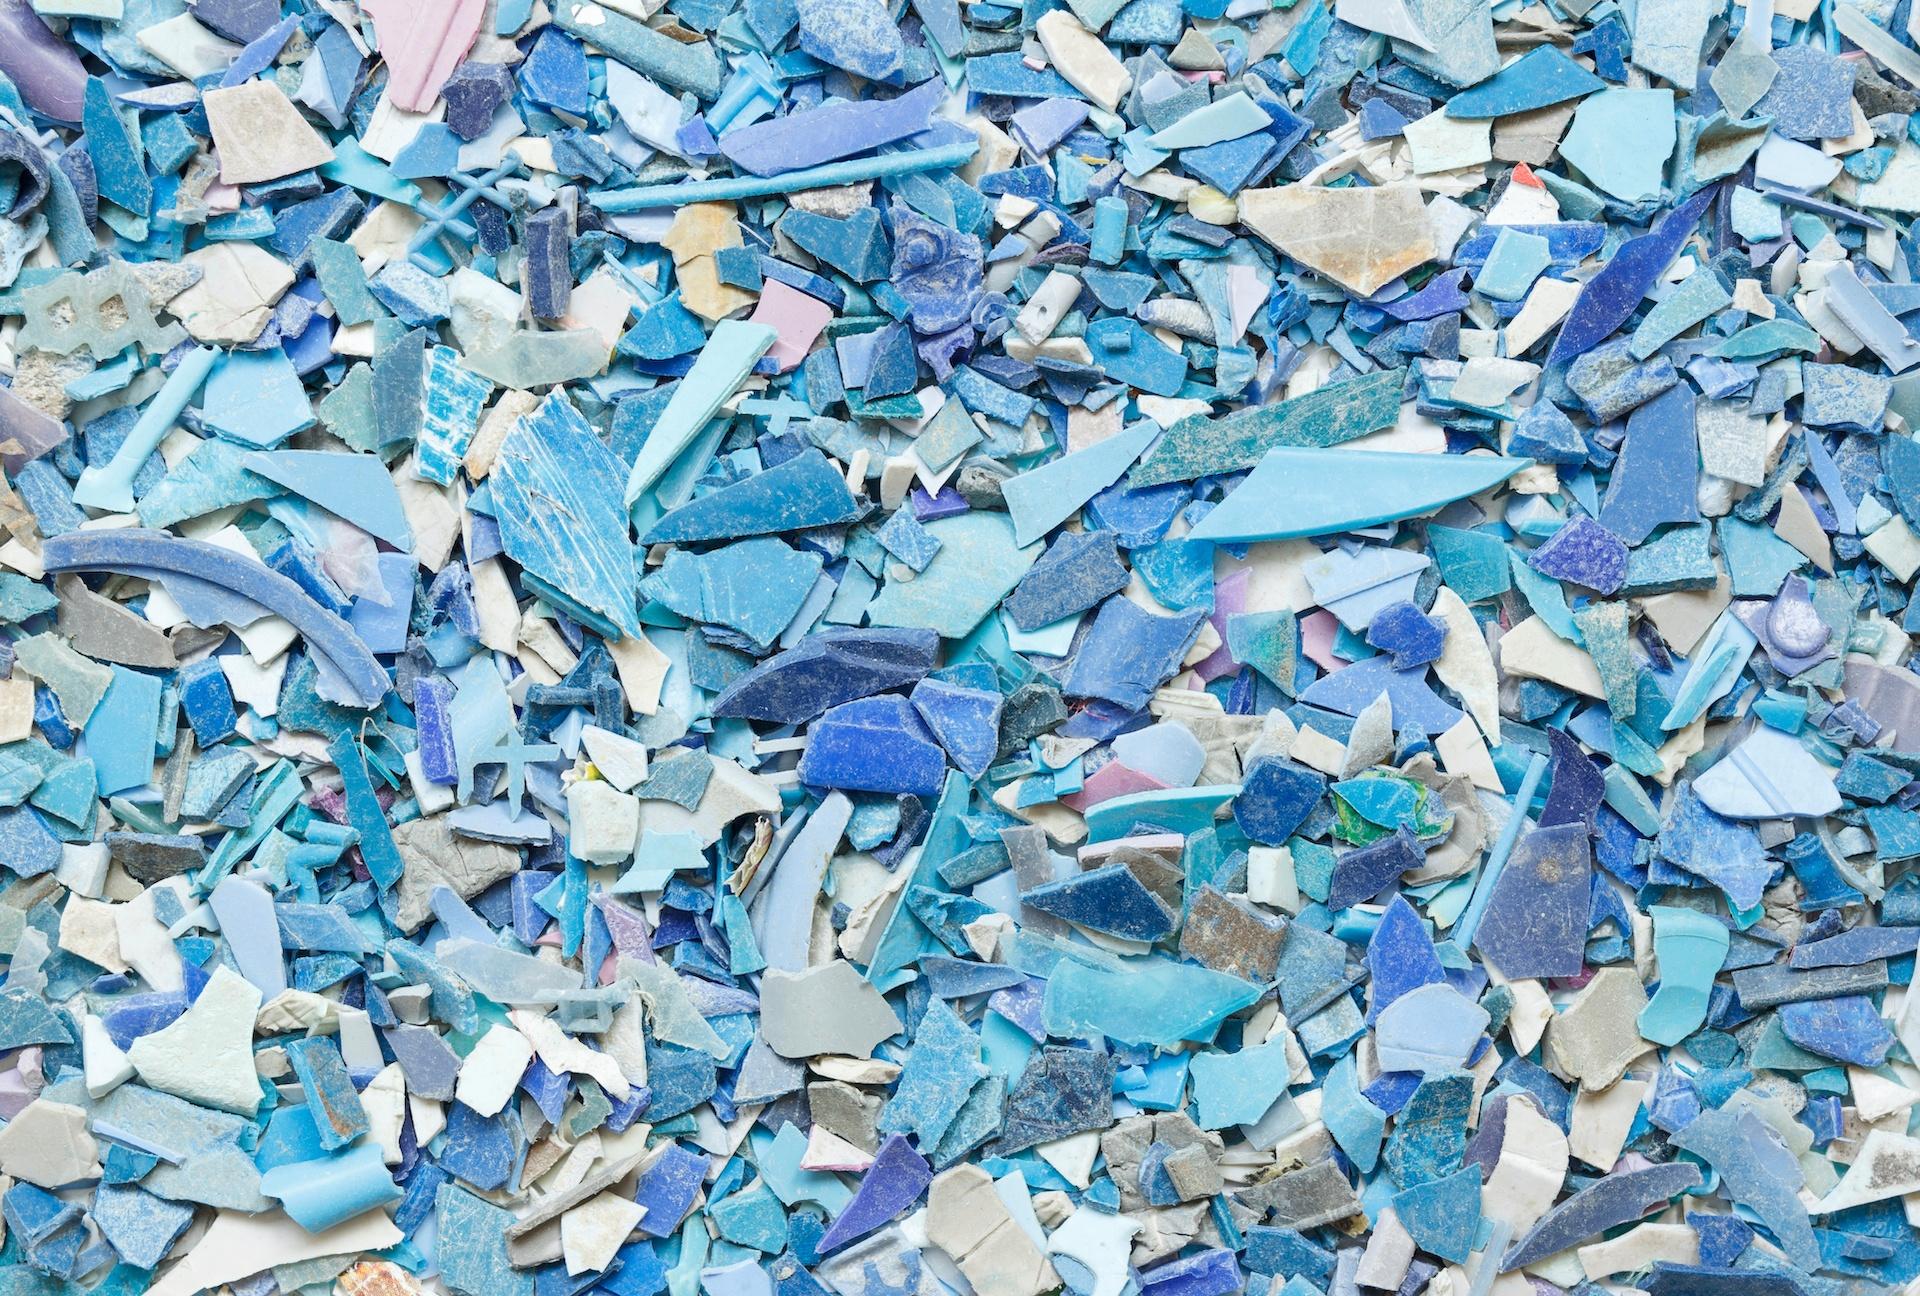 Blue_Shredded_PVC-1920